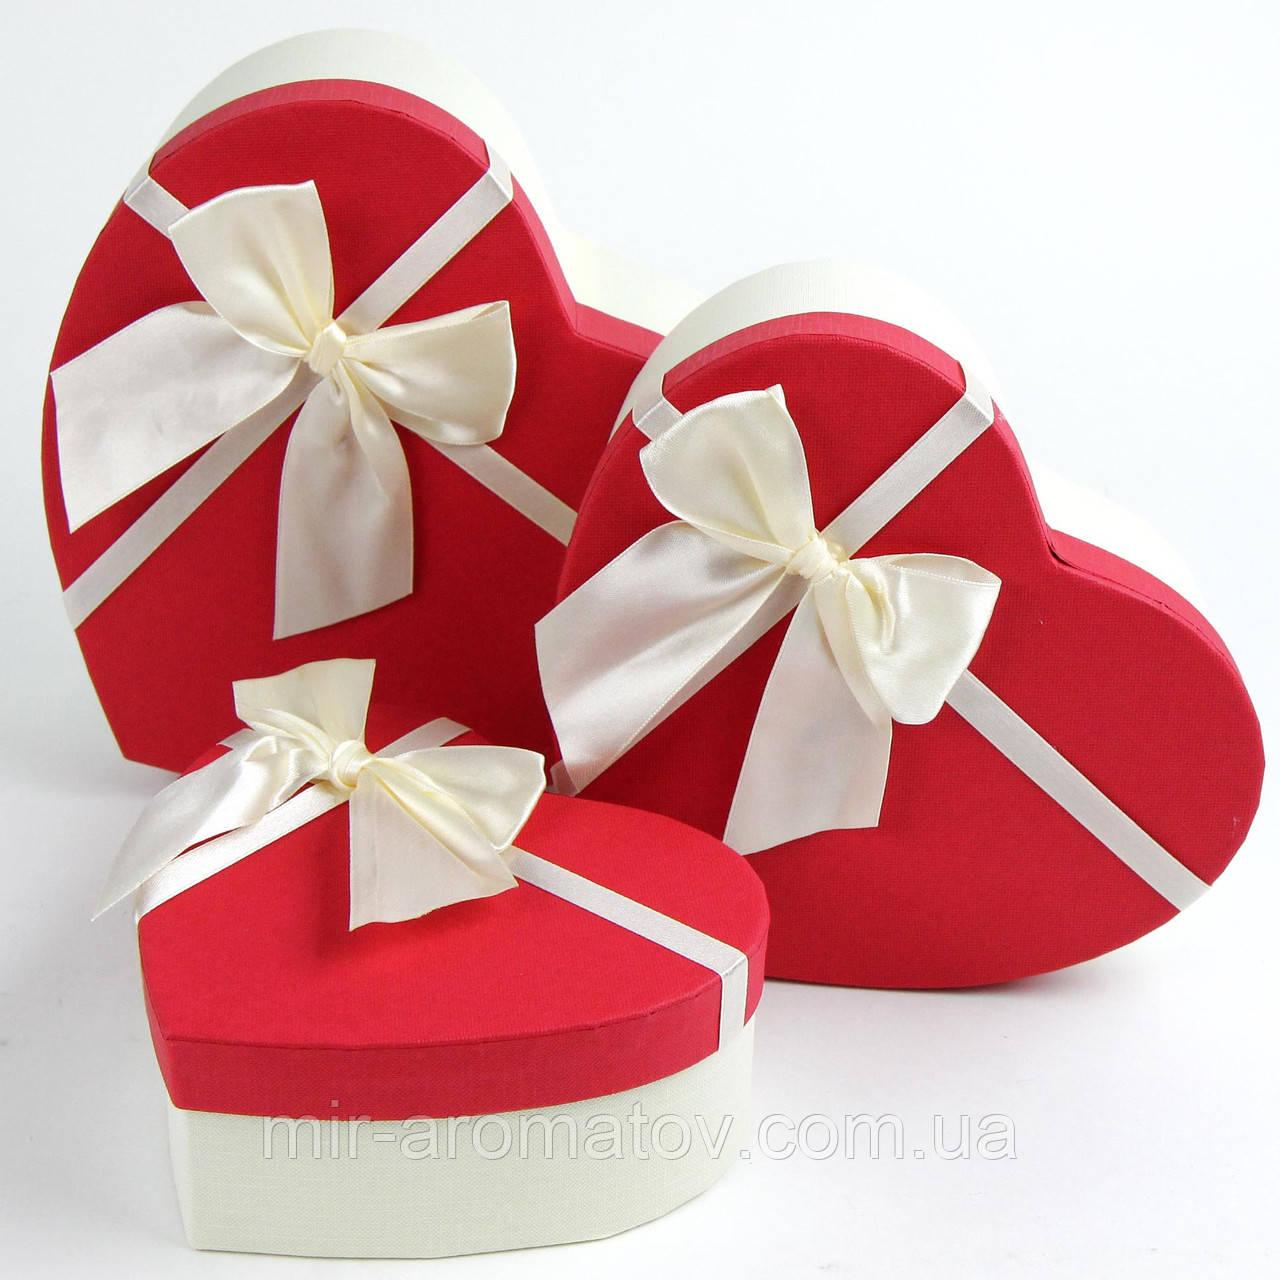 Подарункова коробка серце (комплект 3 шт.)